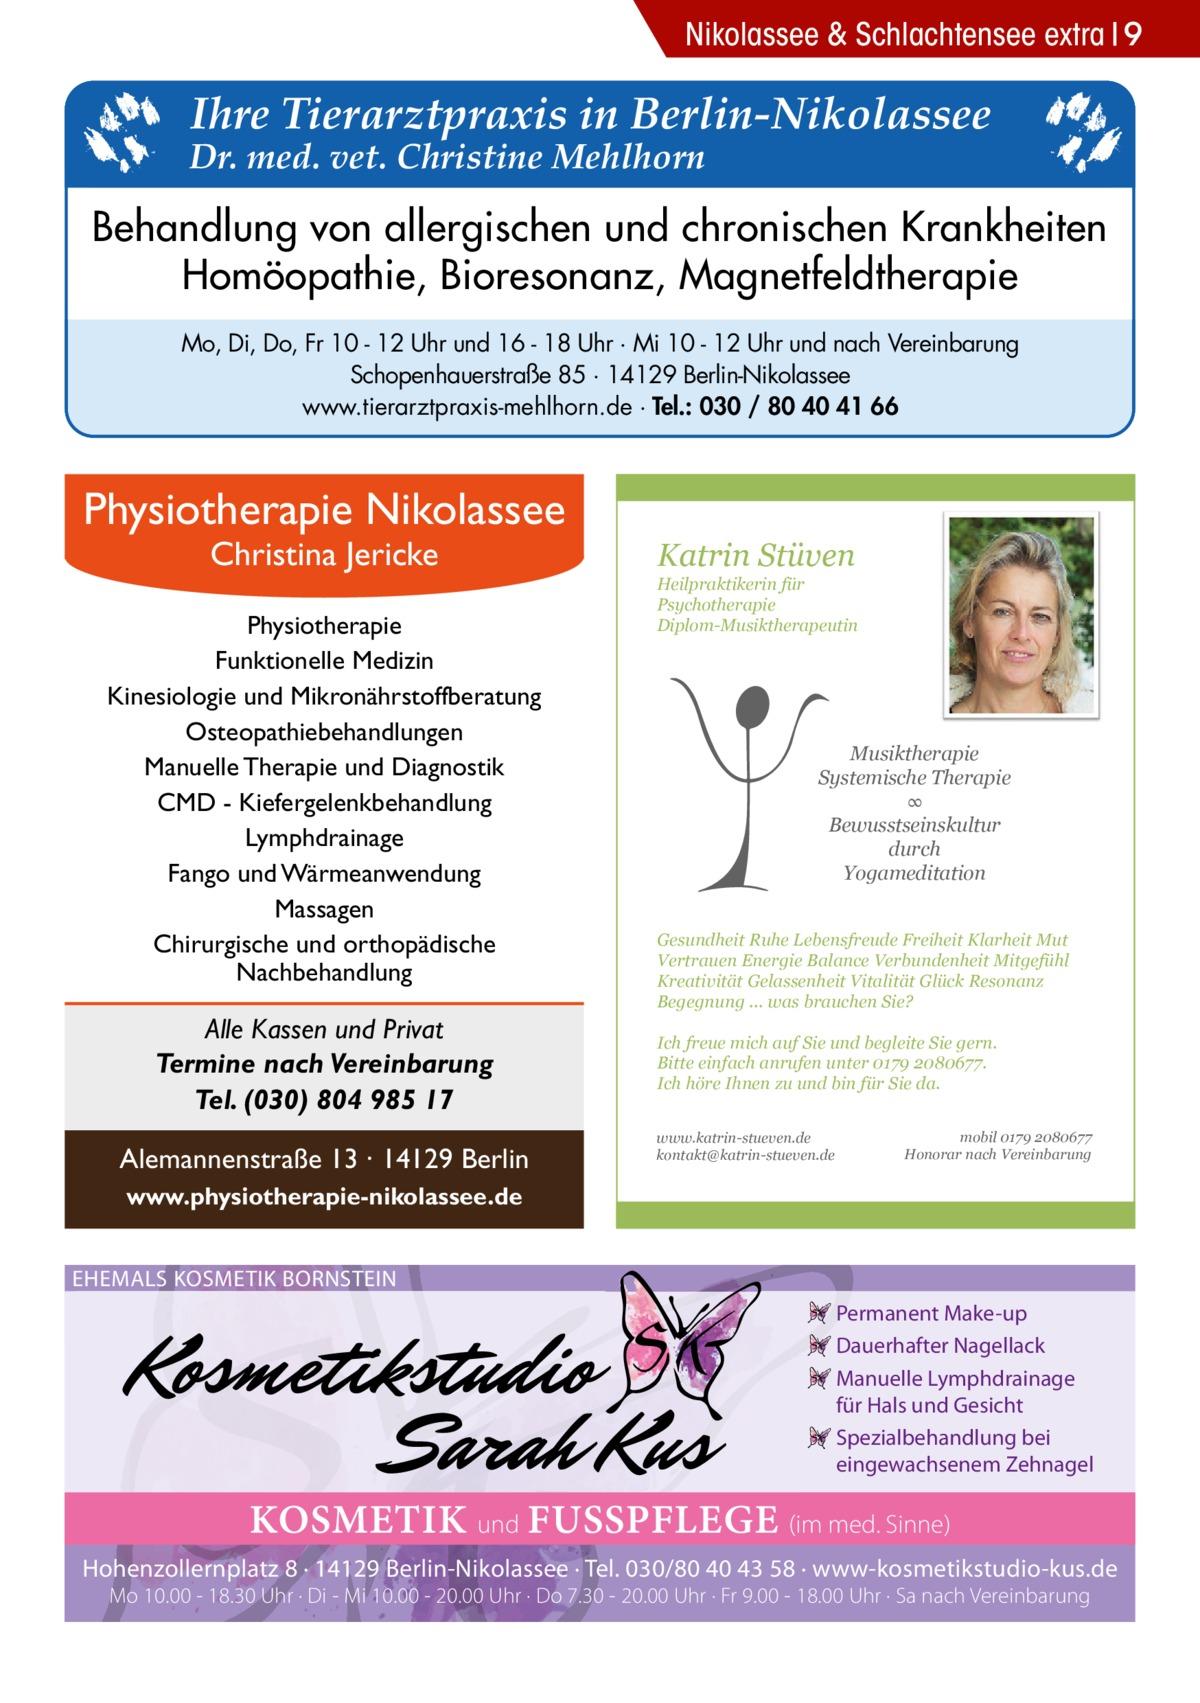 Nikolassee & Schlachtensee extra 9  Ihre Tierarztpraxis in Berlin-Nikolassee  Dr. med. vet. Christine Mehlhorn  Behandlung von allergischen und chronischen Krankheiten Homöopathie, Bioresonanz, Magnetfeldtherapie Mo, Di, Do, Fr 10 - 12 Uhr und 16 - 18 Uhr · Mi 10 - 12 Uhr und nach Vereinbarung Schopenhauerstraße 85 · 14129 Berlin-Nikolassee www.tierarztpraxis-mehlhorn.de · Tel.: 030 / 80 40 41 66  Physiotherapie Nikolassee Christina Jericke  Physiotherapie Funktionelle Medizin Kinesiologie und Mikronährstoffberatung Osteopathiebehandlungen Manuelle Therapie und Diagnostik CMD - Kiefergelenkbehandlung Lymphdrainage Fango und Wärmeanwendung Massagen Chirurgische und orthopädische Nachbehandlung  Alle Kassen und Privat Termine nach Vereinbarung Tel. (030) 804 985 17 Alemannenstraße 13 · 14129 Berlin  Katrin Stüven  Heilpraktikerin für Psychotherapie Diplom-Musiktherapeutin  Musiktherapie Systemische Therapie ∞ Bewusstseinskultur durch Yogameditation Gesundheit Ruhe Lebensfreude Freiheit Klarheit Mut Vertrauen Energie Balance Verbundenheit Mitgefühl Kreativität Gelassenheit Vitalität Glück Resonanz Begegnung ... was brauchen Sie? Ich freue mich auf Sie und begleite Sie gern. Bitte einfach anrufen unter 0179 2080677. Ich höre Ihnen zu und bin für Sie da. www.katrin-stueven.de kontakt@katrin-stueven.de  mobil 0179 2080677 Honorar nach Vereinbarung  www.physiotherapie-nikolassee.de EHEMALS KOSMETIK BORNSTEIN Permanent Make-up Dauerhafter Nagellack Manuelle Lymphdrainage für Hals und Gesicht Spezialbehandlung bei eingewachsenem Zehnagel  KOSMETIK und FUSSPFLEGE (im med. Sinne) Hohenzollernplatz 8 · 14129 Berlin-Nikolassee · Tel. 030/80 40 43 58 · www-kosmetikstudio-kus.de Mo 10.00 - 18.30 Uhr · Di - Mi 10.00 - 20.00 Uhr · Do 7.30 - 20.00 Uhr · Fr 9.00 - 18.00 Uhr · Sa nach Vereinbarung